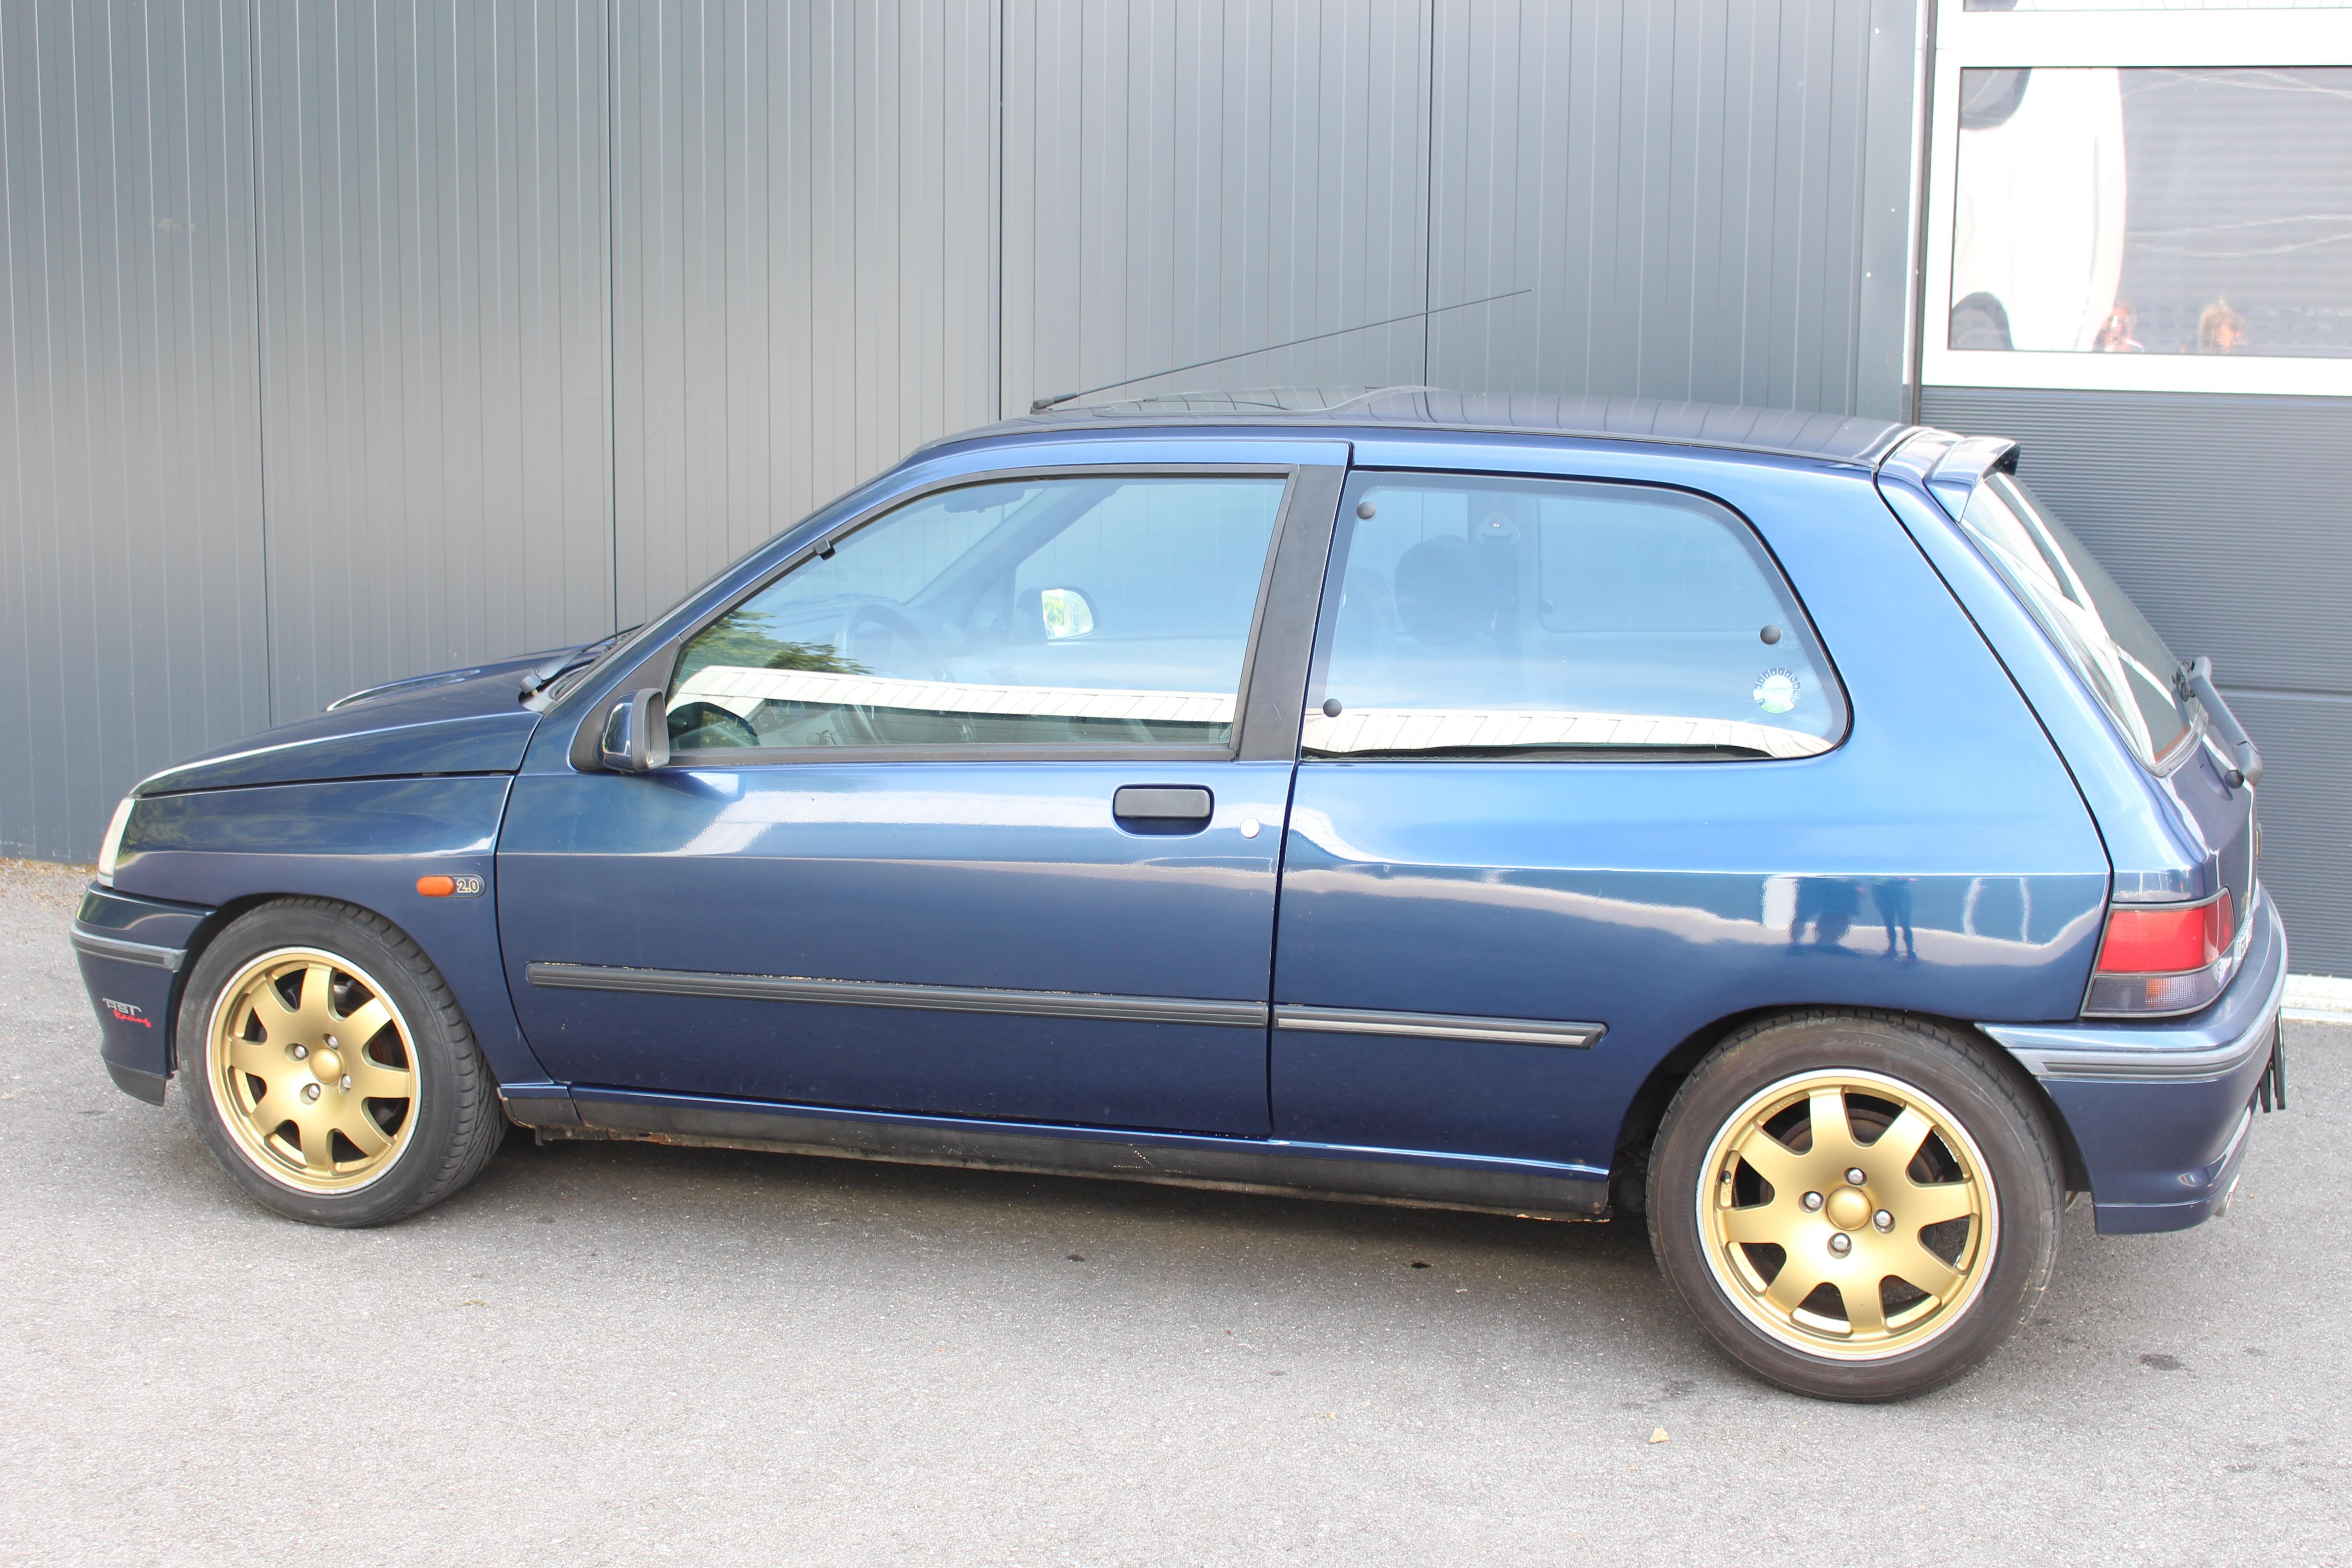 citycar Renault Clio 2.0 16V Williams